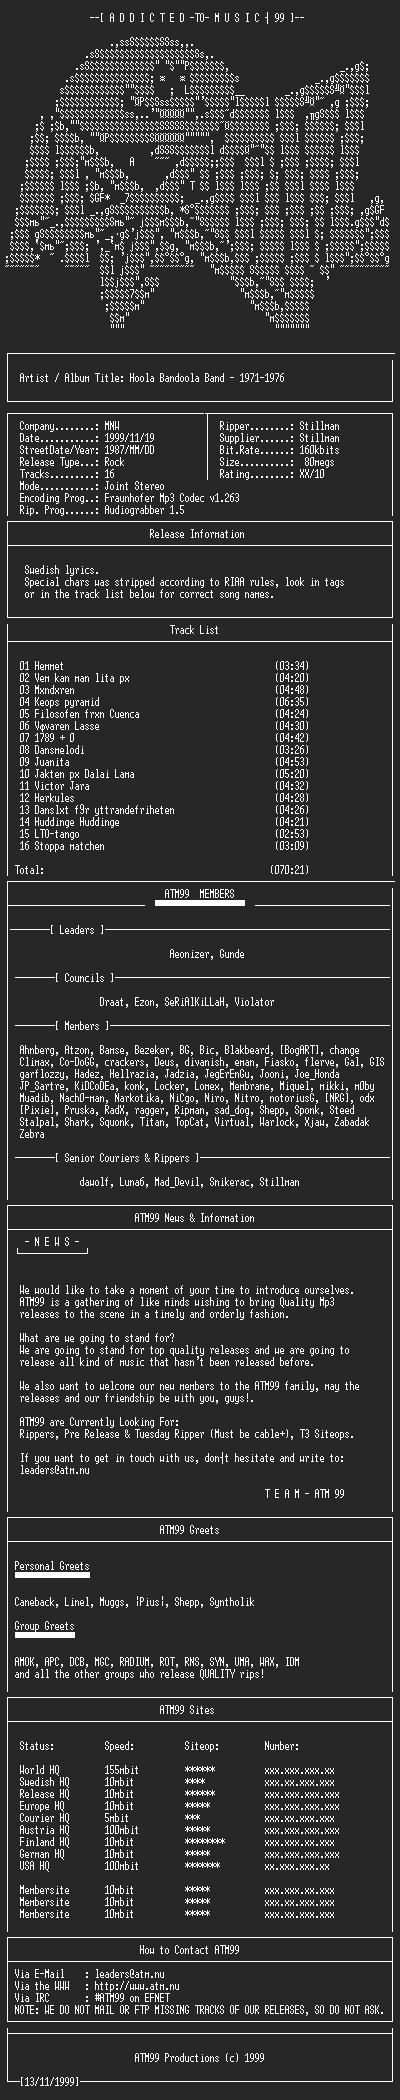 NFO file for Hoola_Bandoola_Band-1971-1976-ATM99